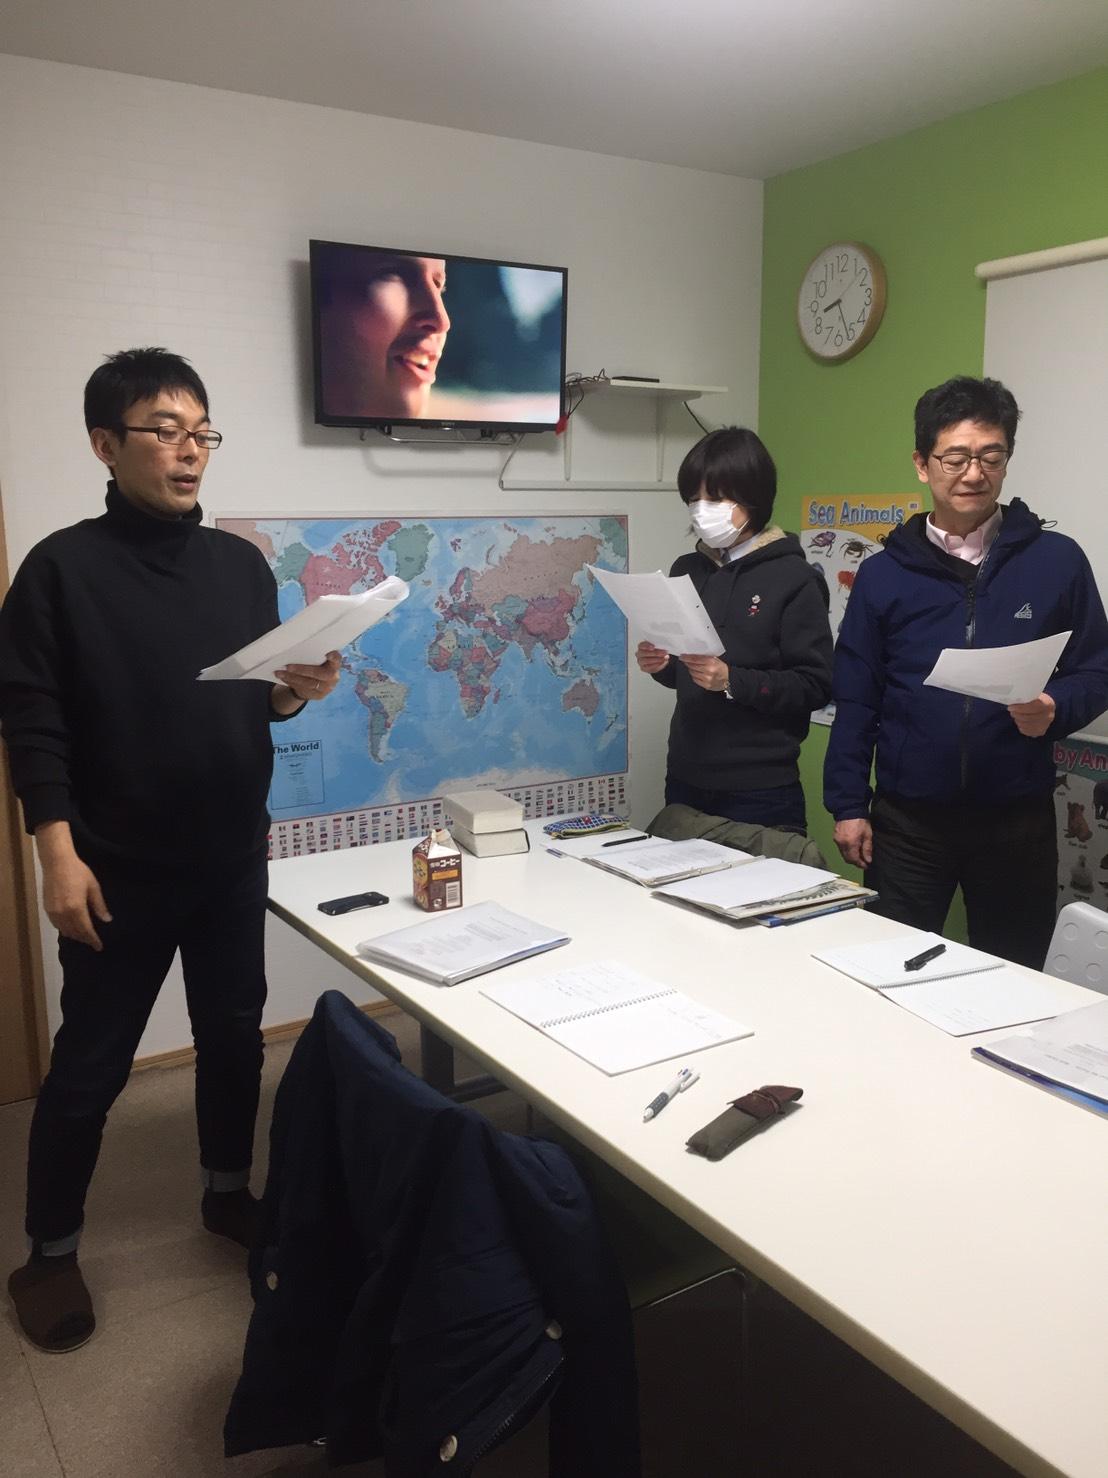 大人クラス 英語教室PHOTO